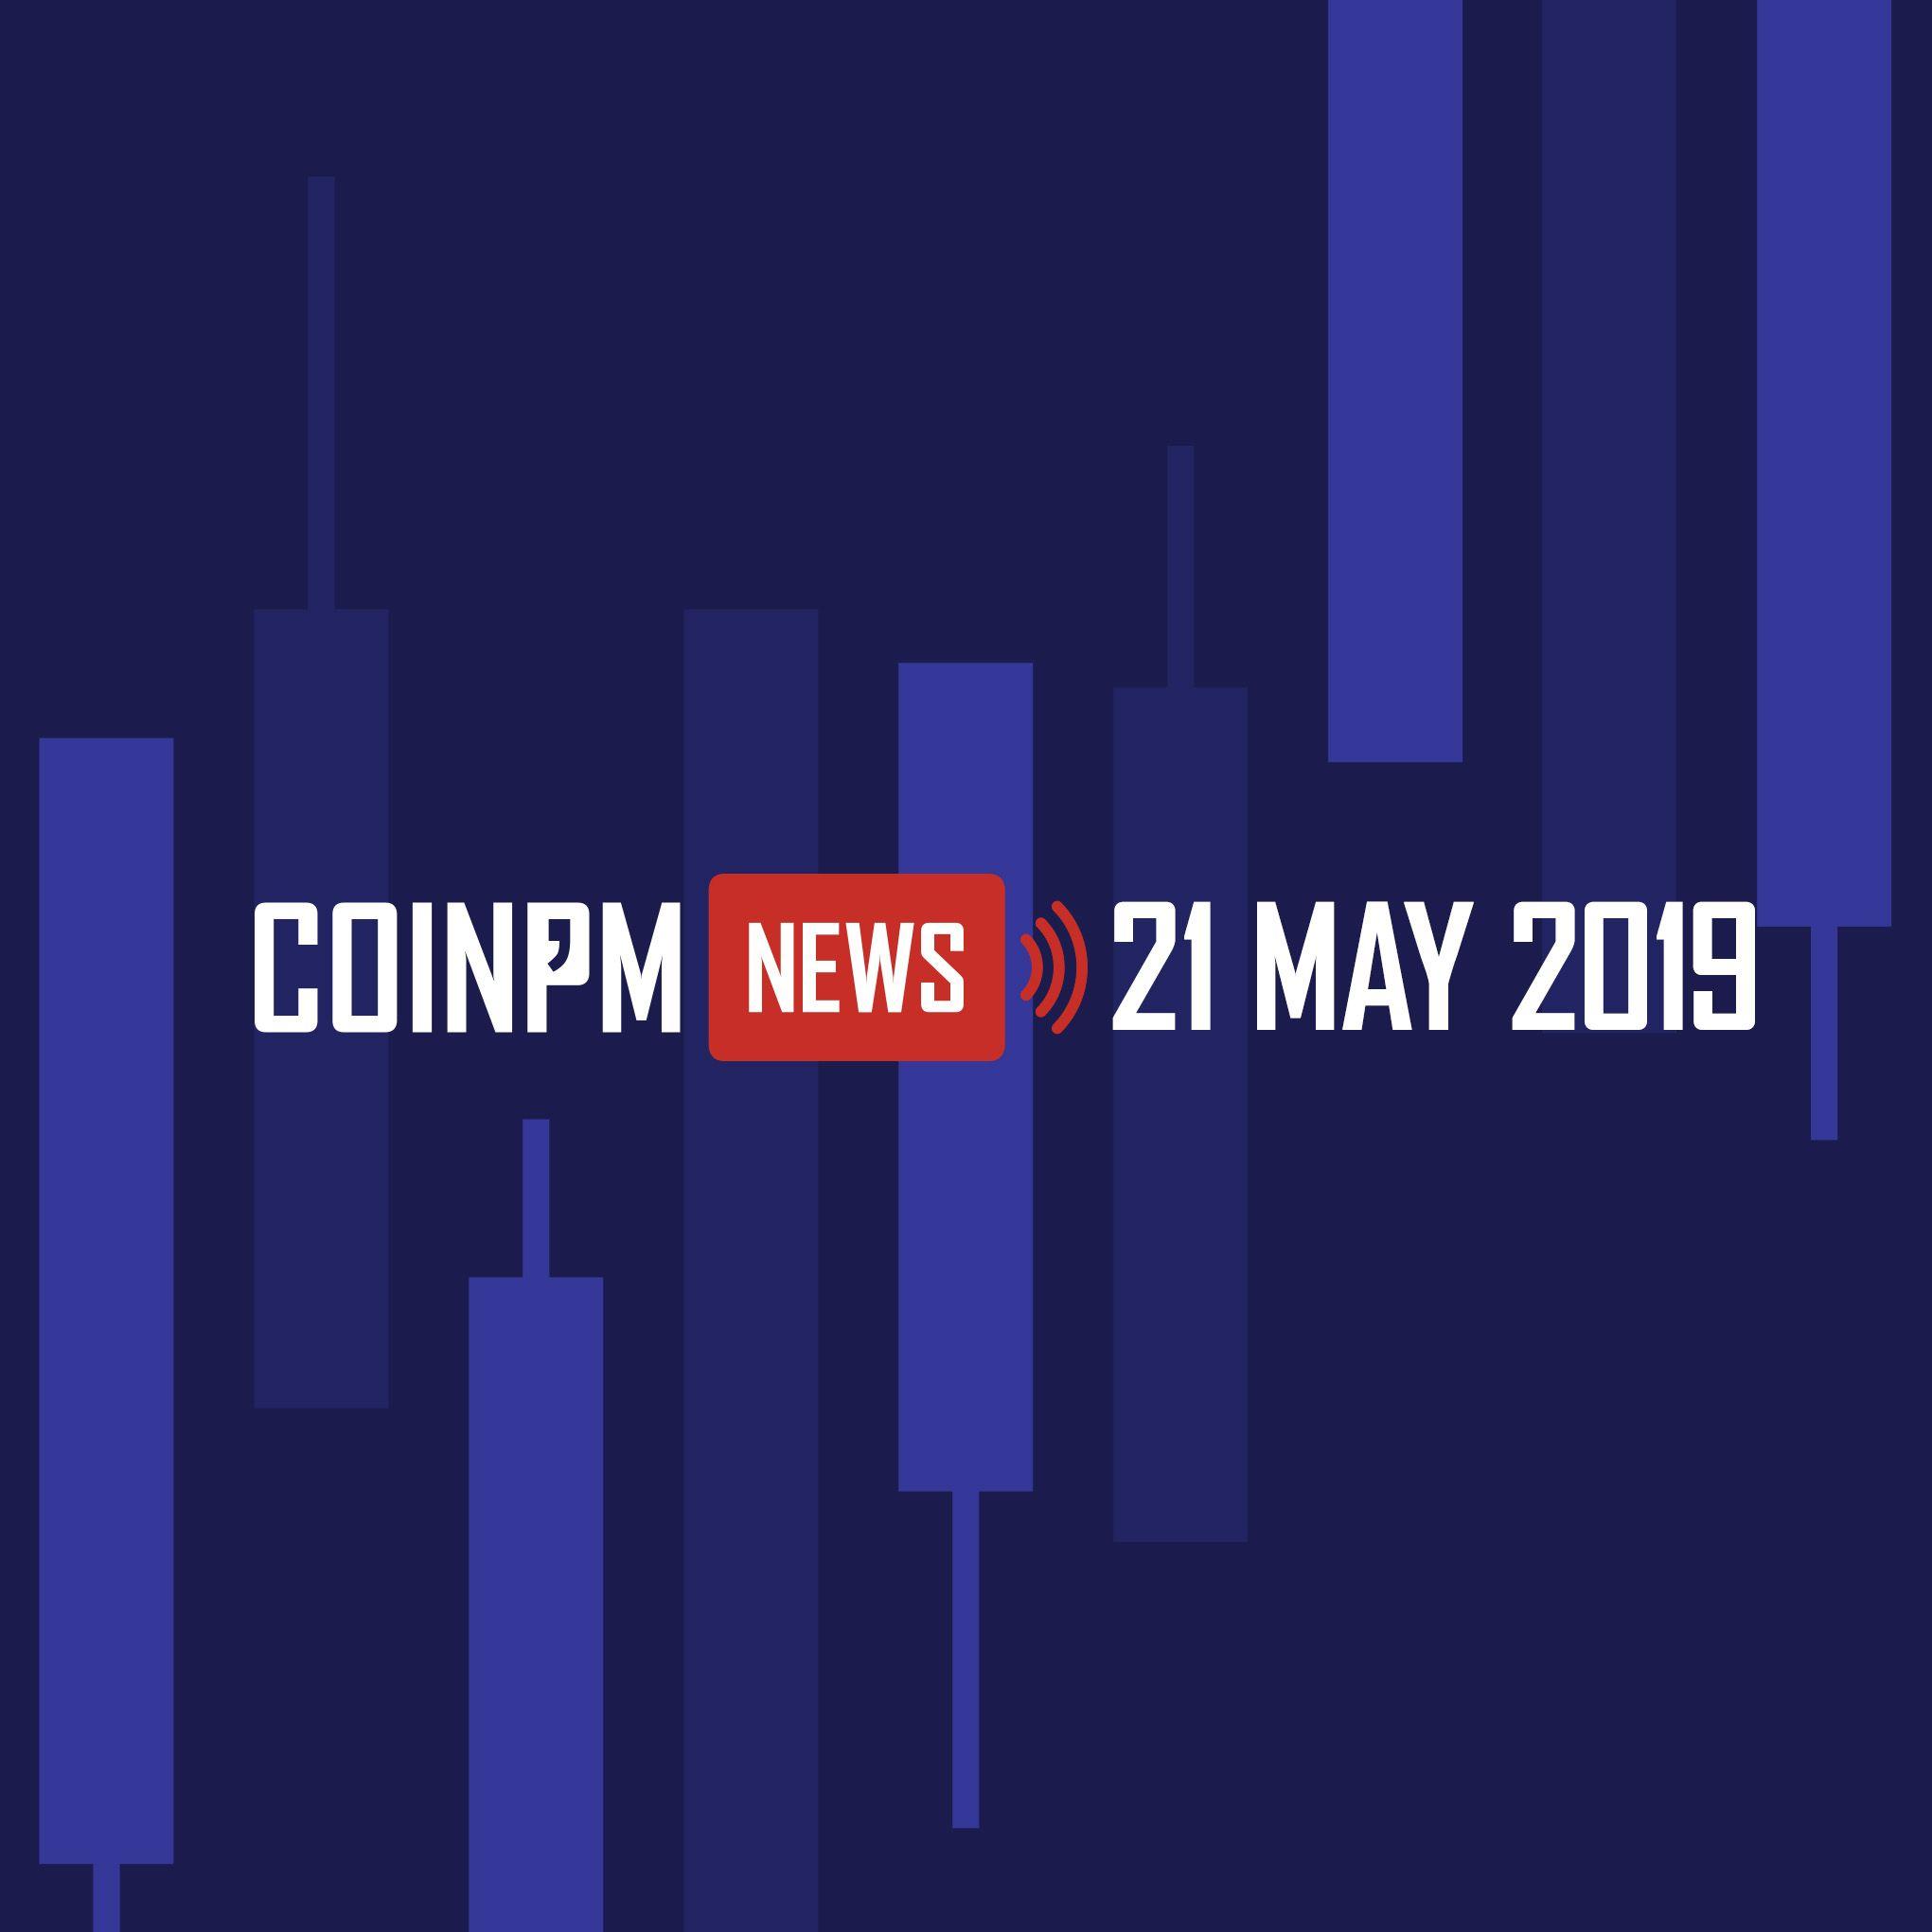 21st May 2019